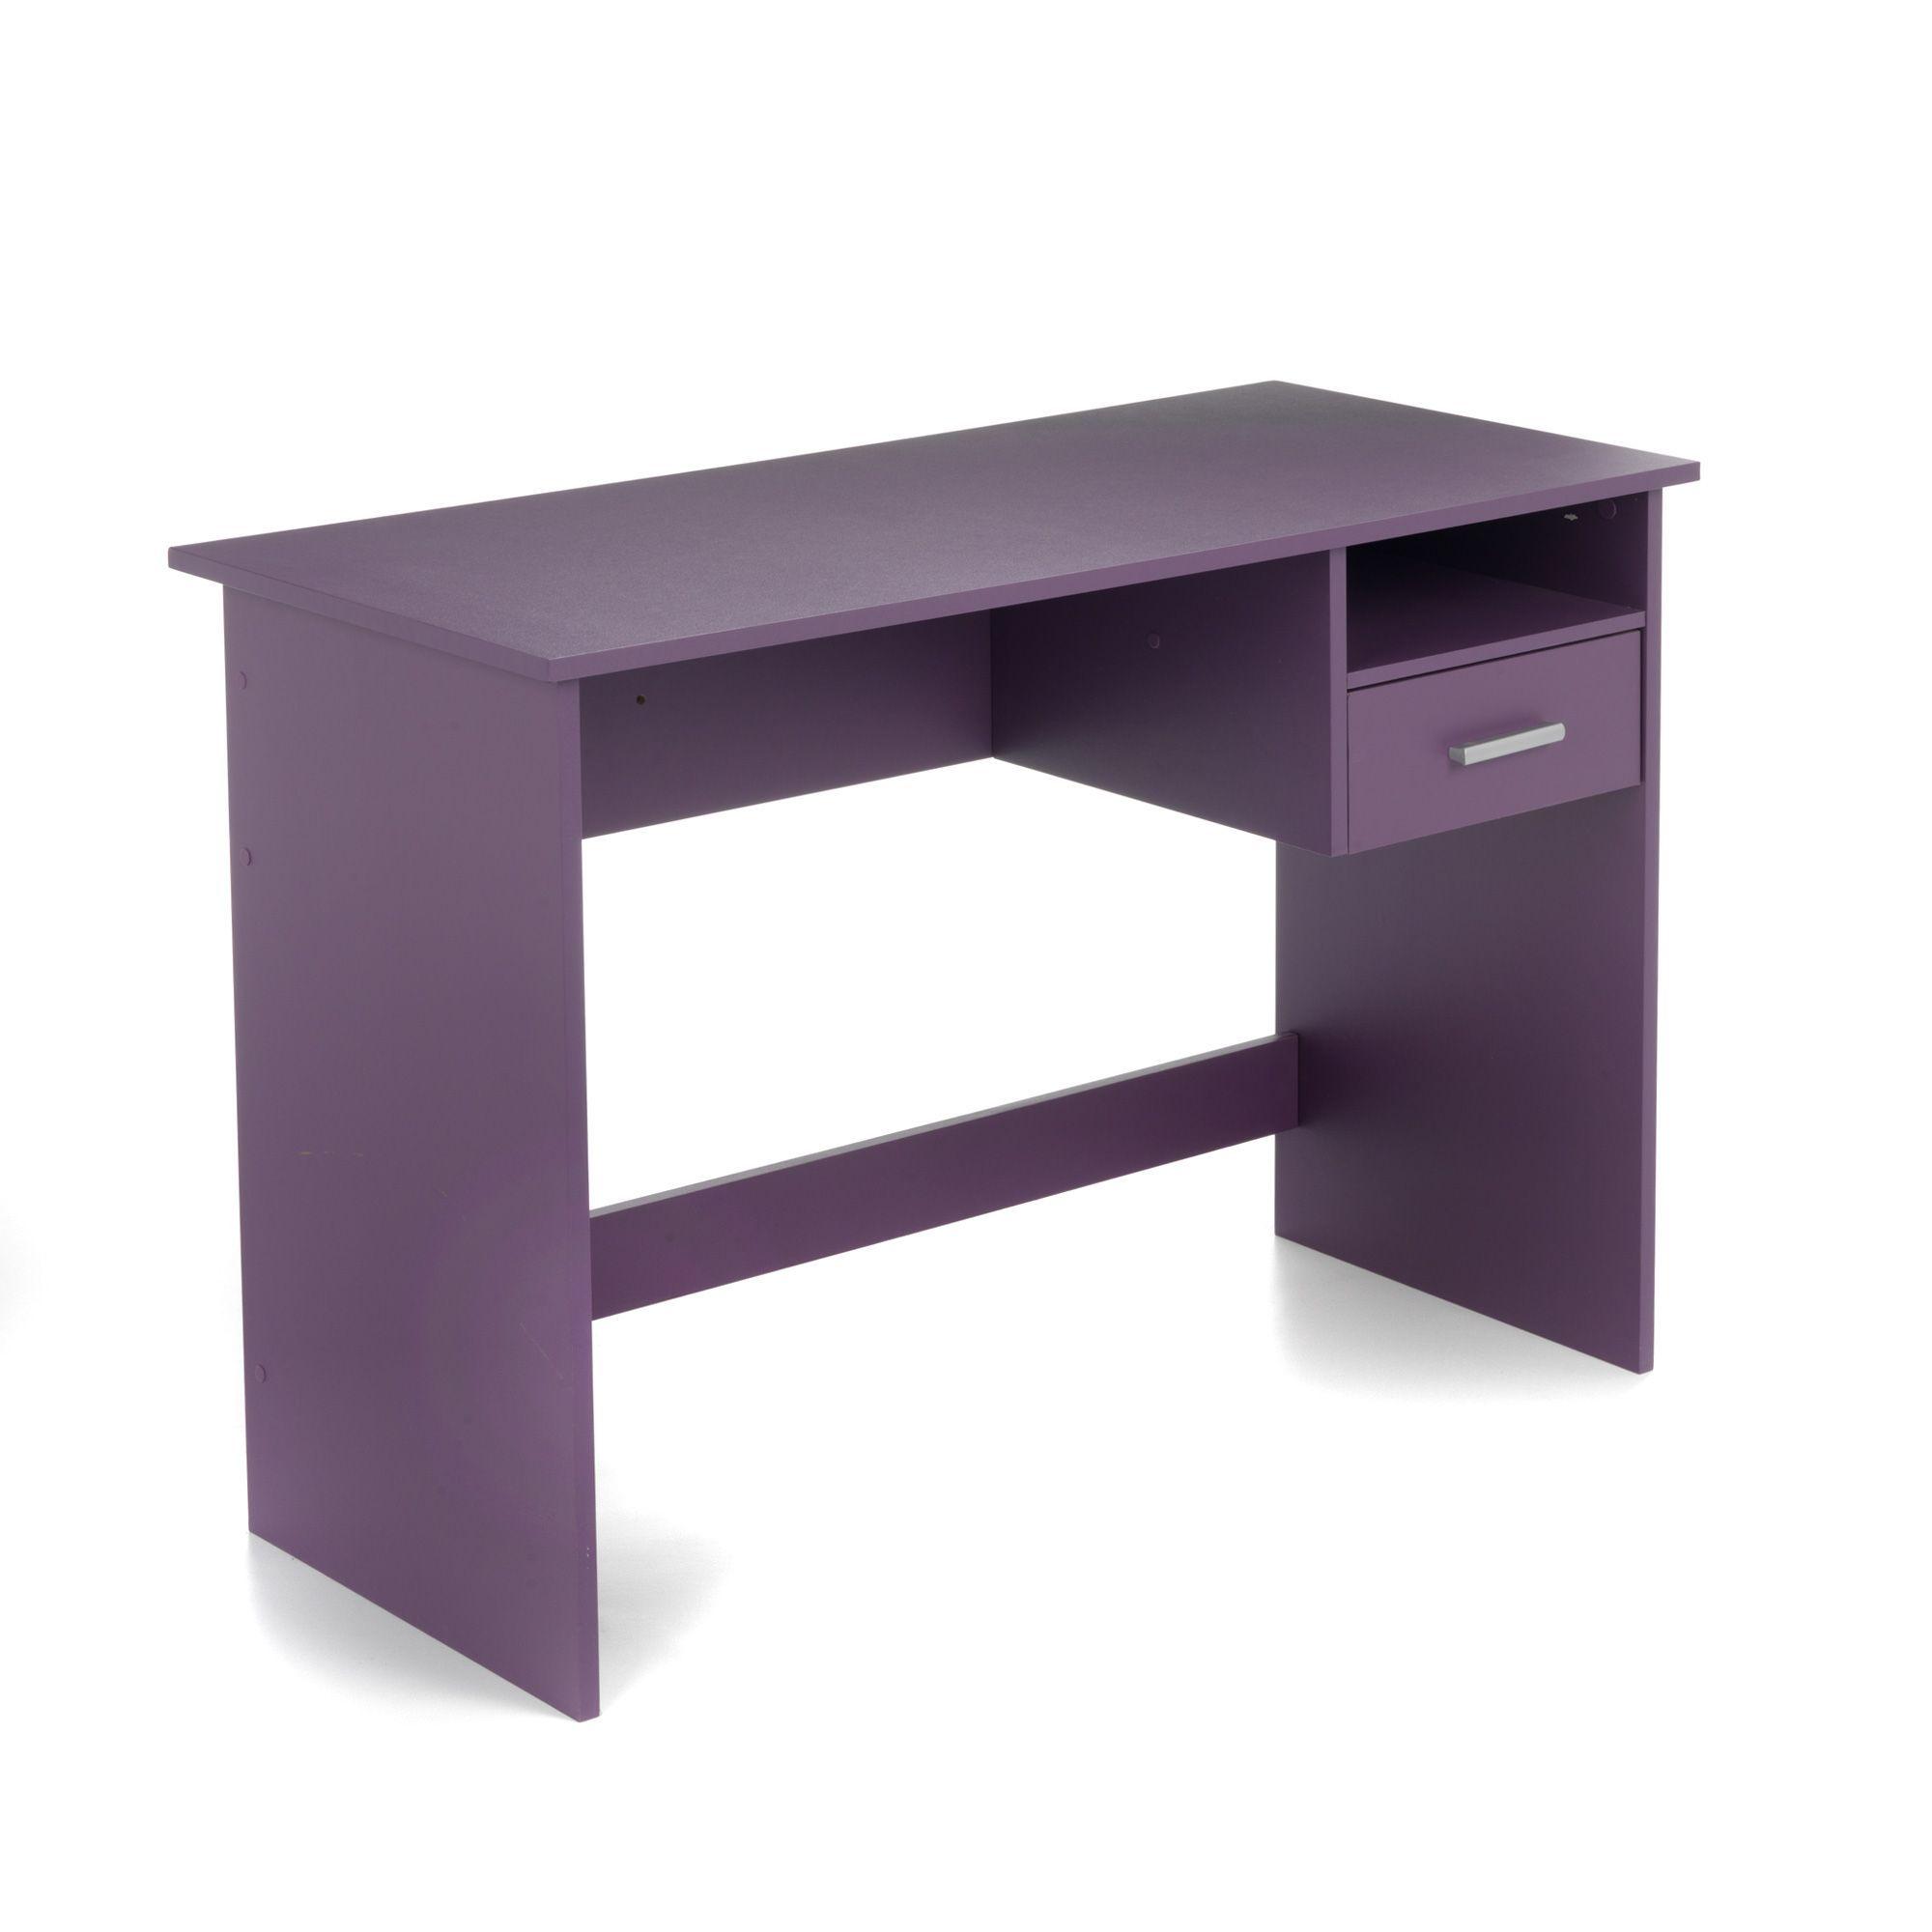 Bureau junior Violet - Pryce - Les bureaux enfants - Les meubles ...